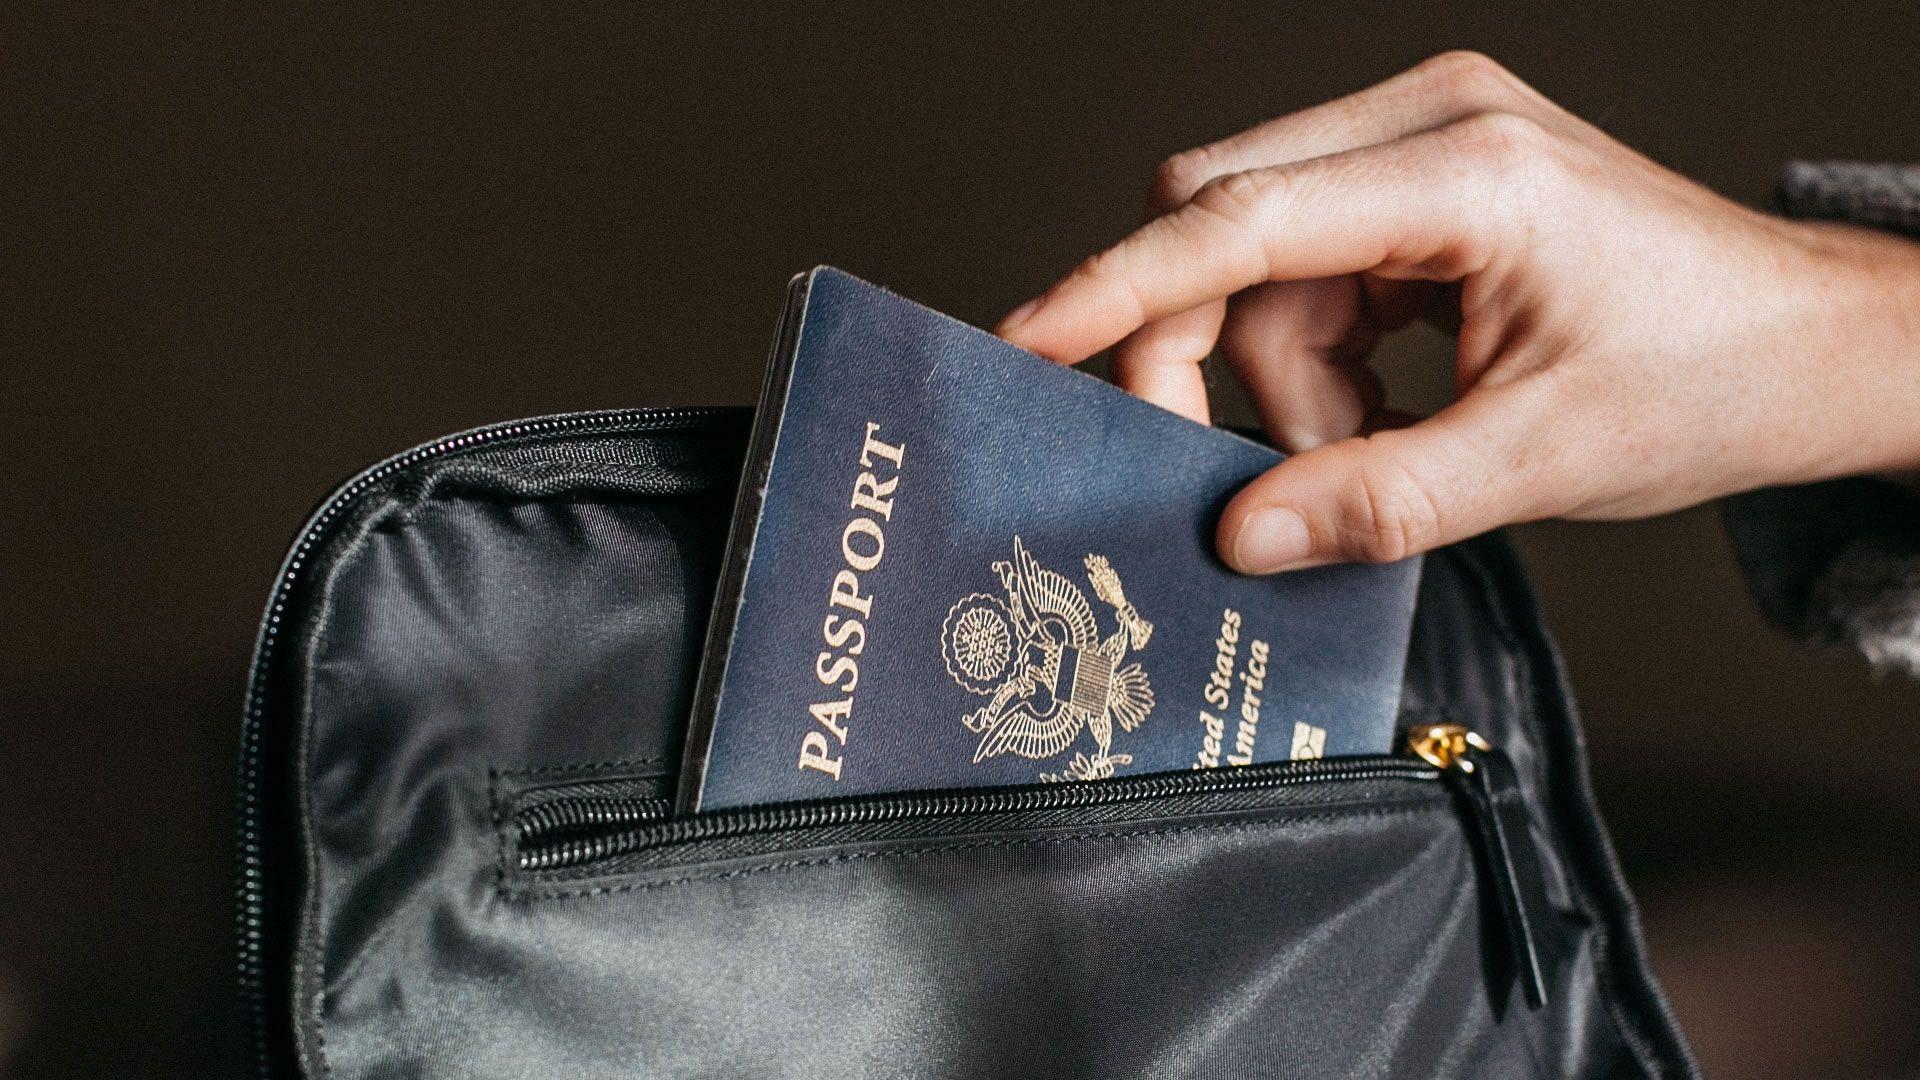 Cambios importantes en el formulario ESTA para quienes viajen a Estados Unidos